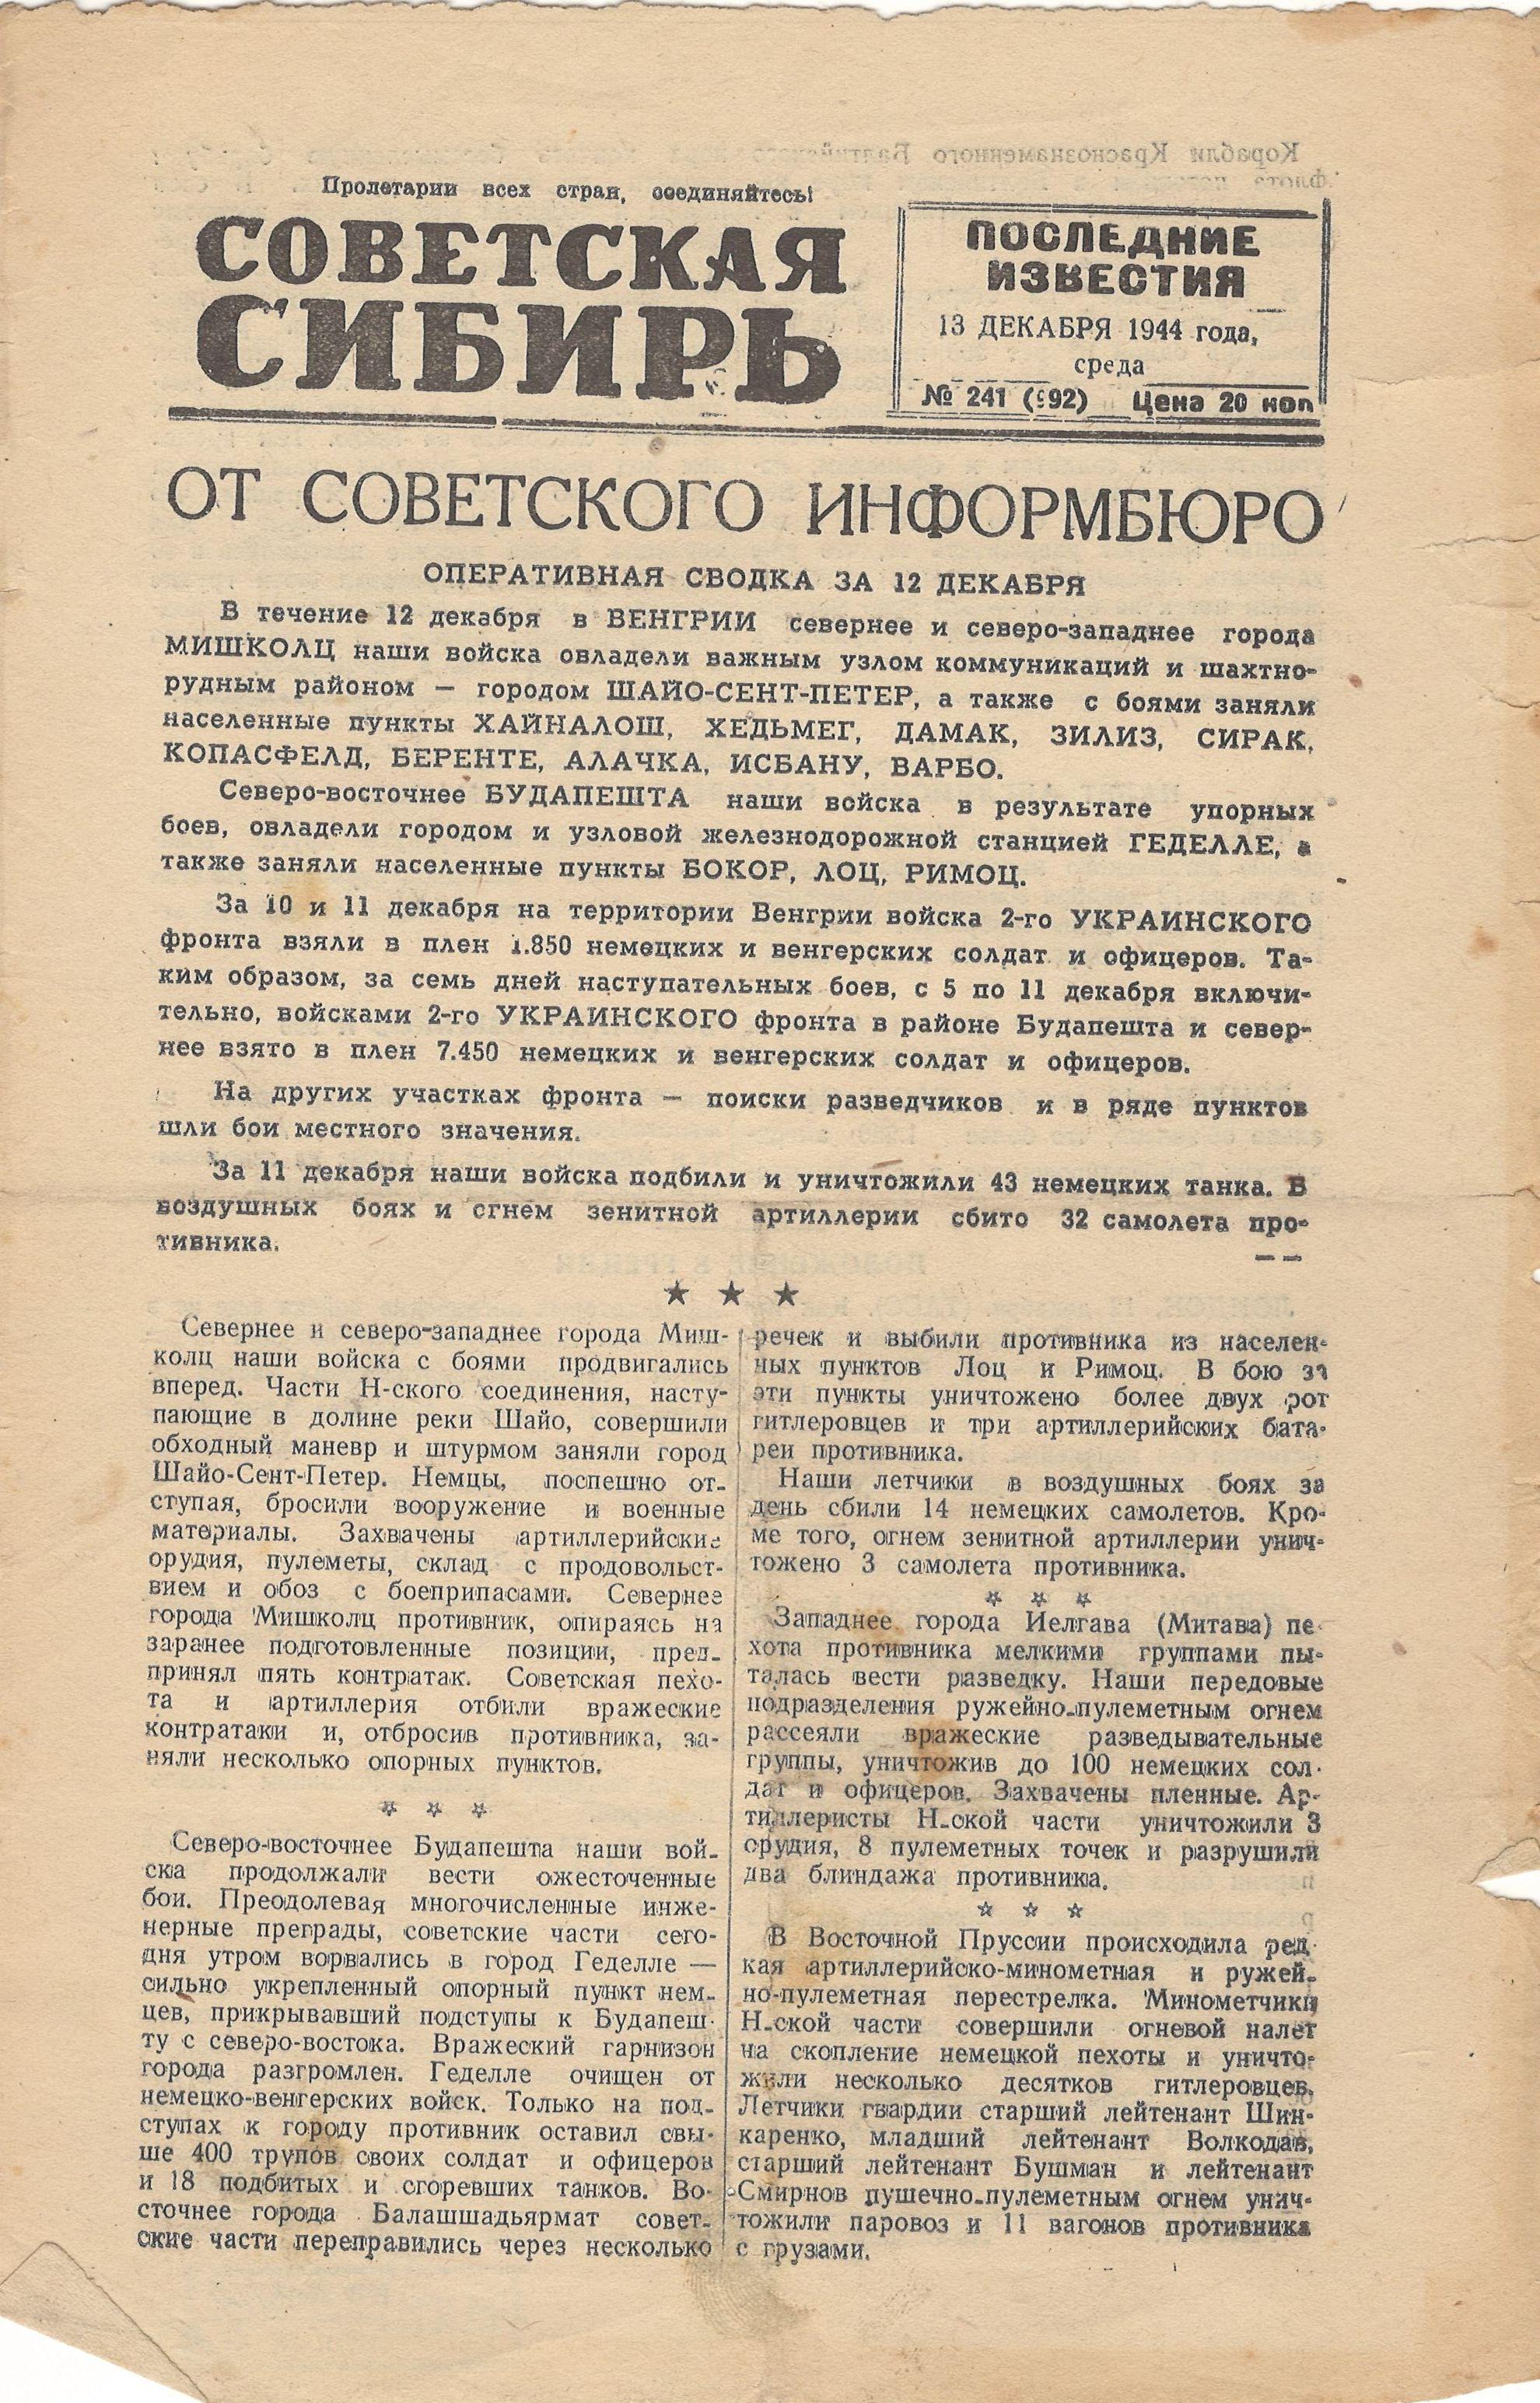 """Газети. Газета """"Советская Сибирь"""" № 241 від  13 грудня 1944р."""